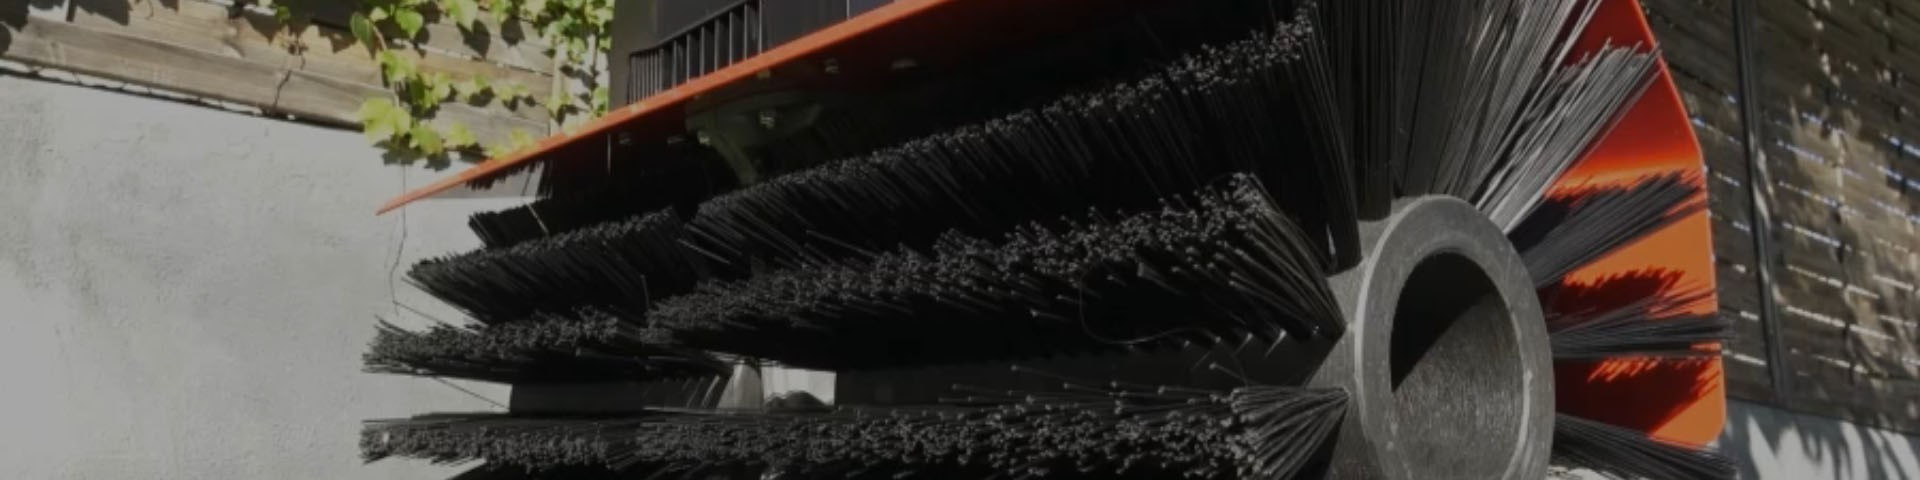 Accessoires : brosses électrique pour l'entretien de gazon artificiel